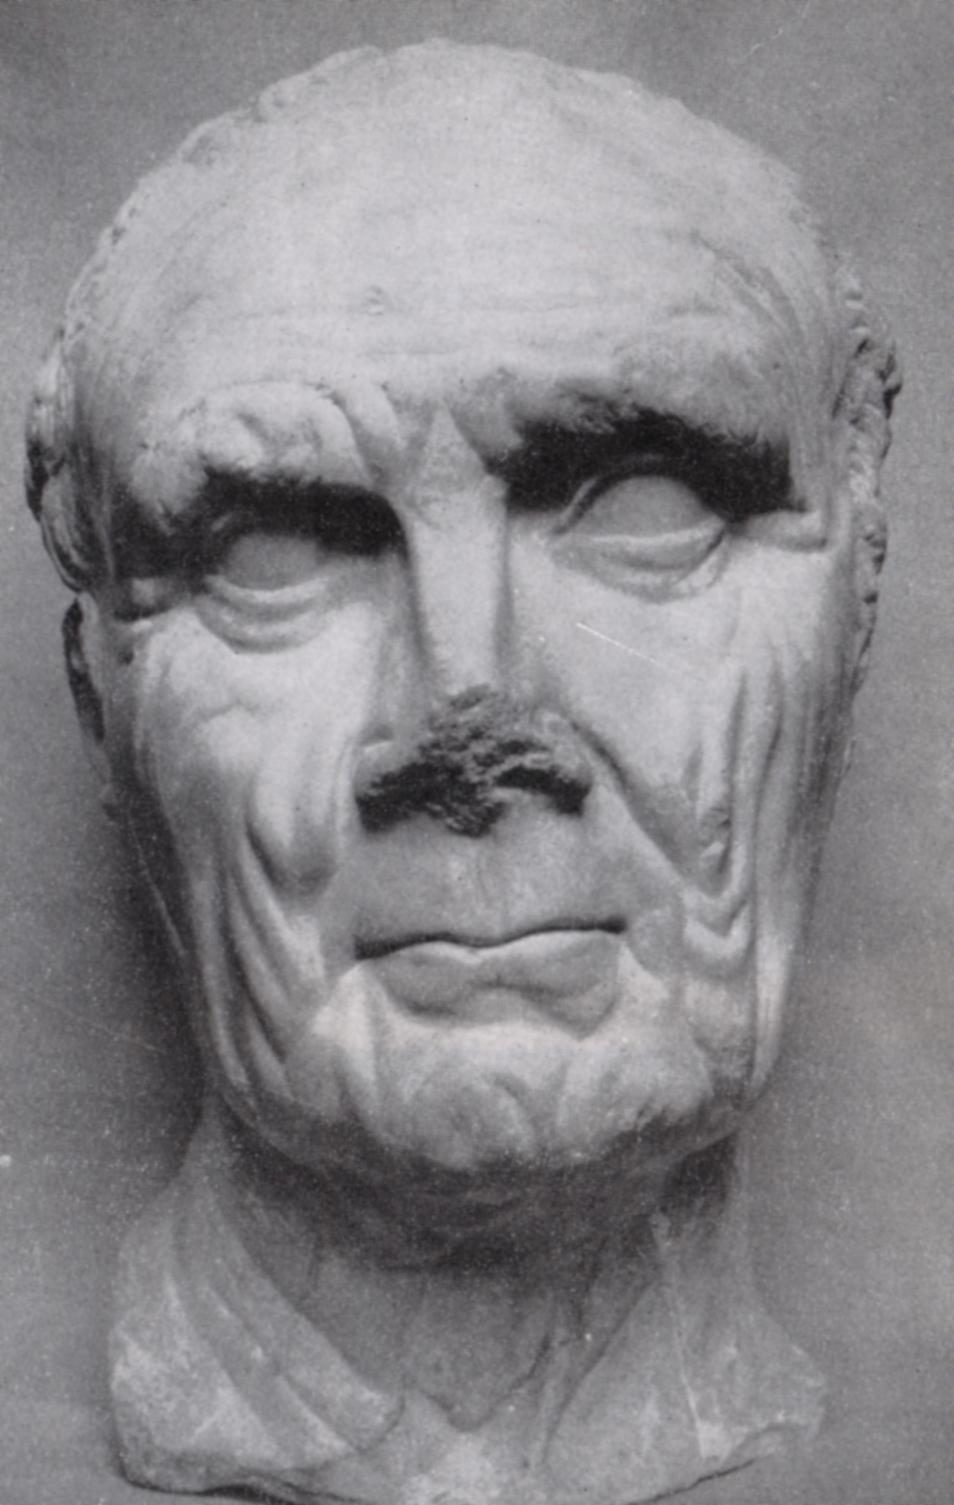 Ritratto di ignoto di Osimo - Wikipedia